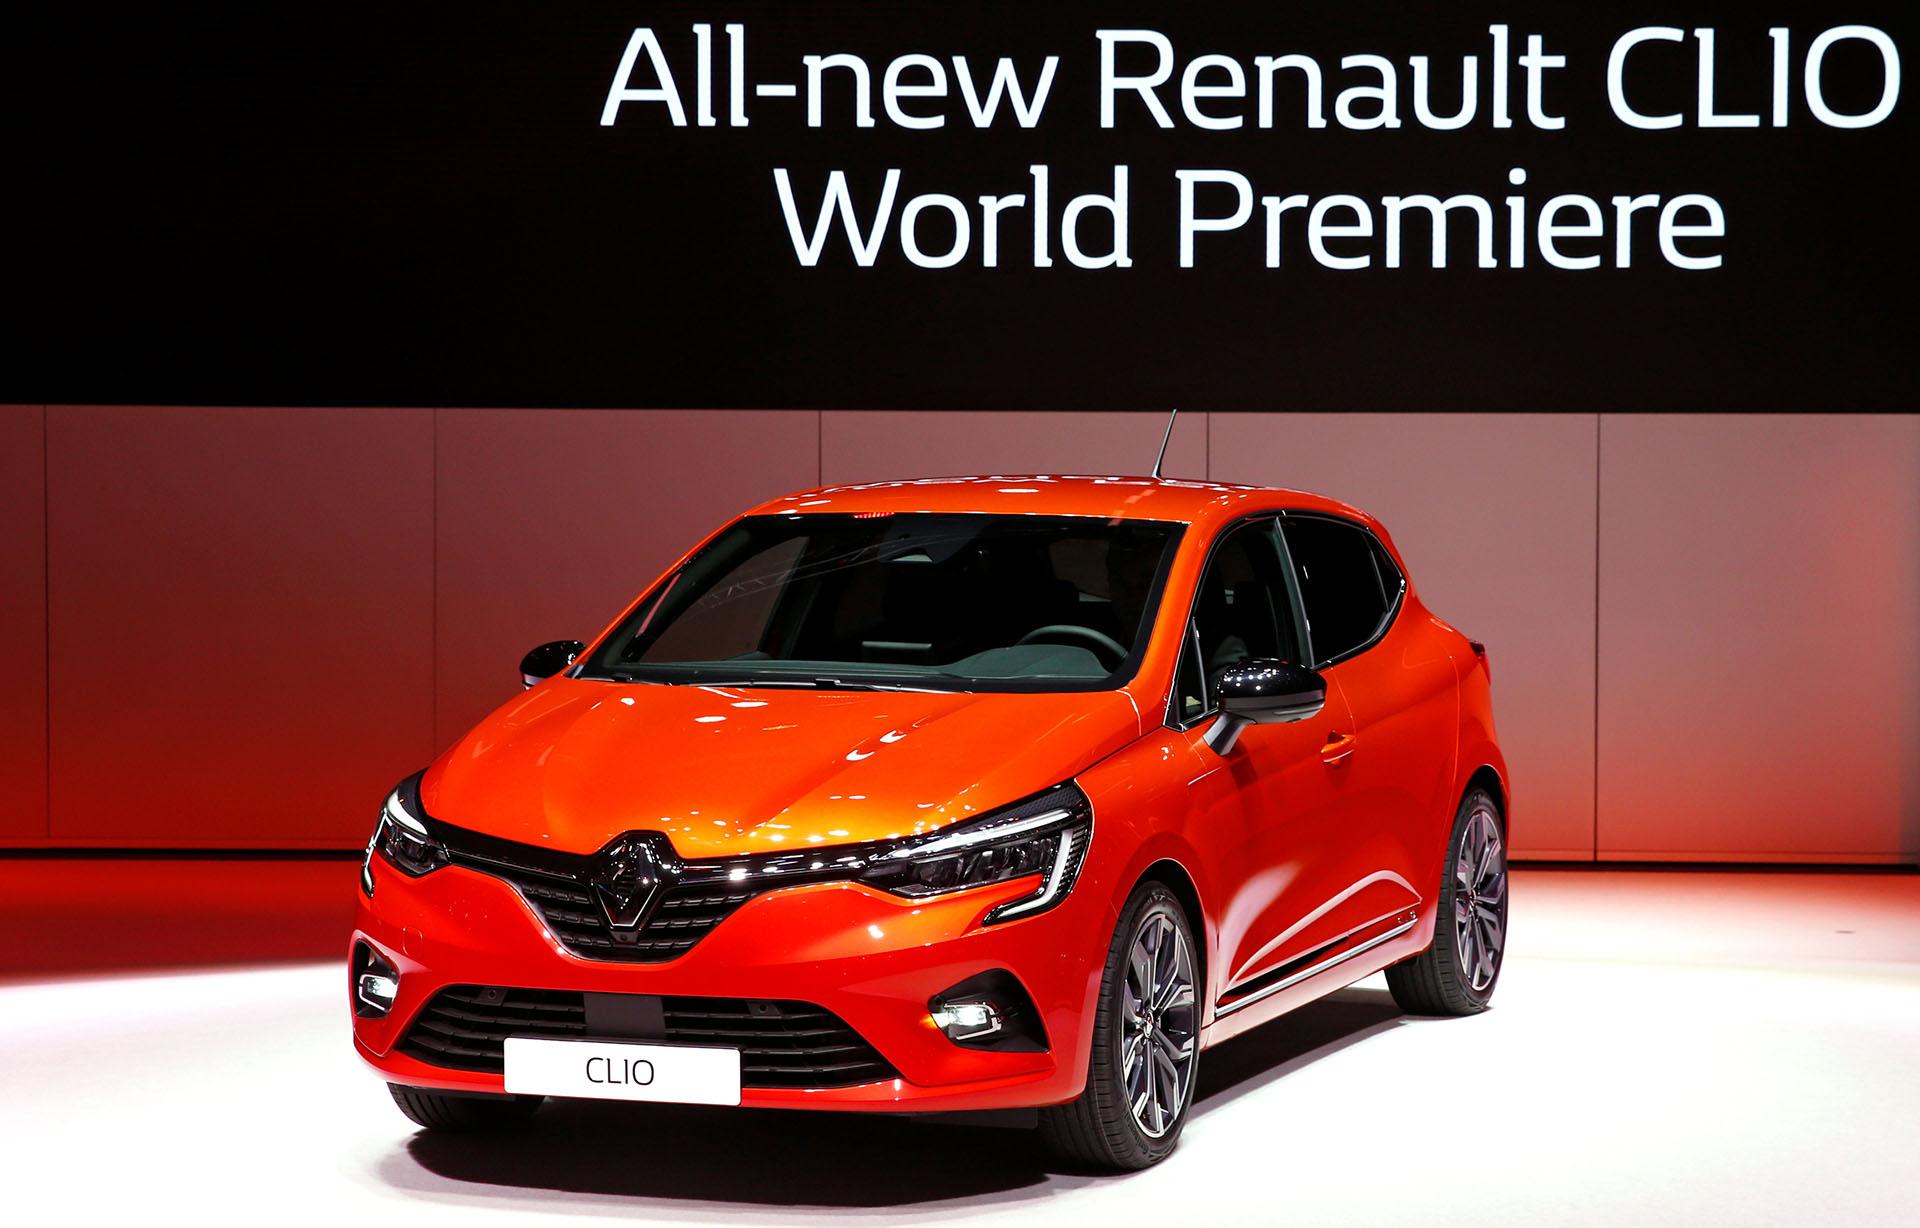 El nuevo Renault Clio fue presentado por el CEO de la compañía,Thierry Bollore